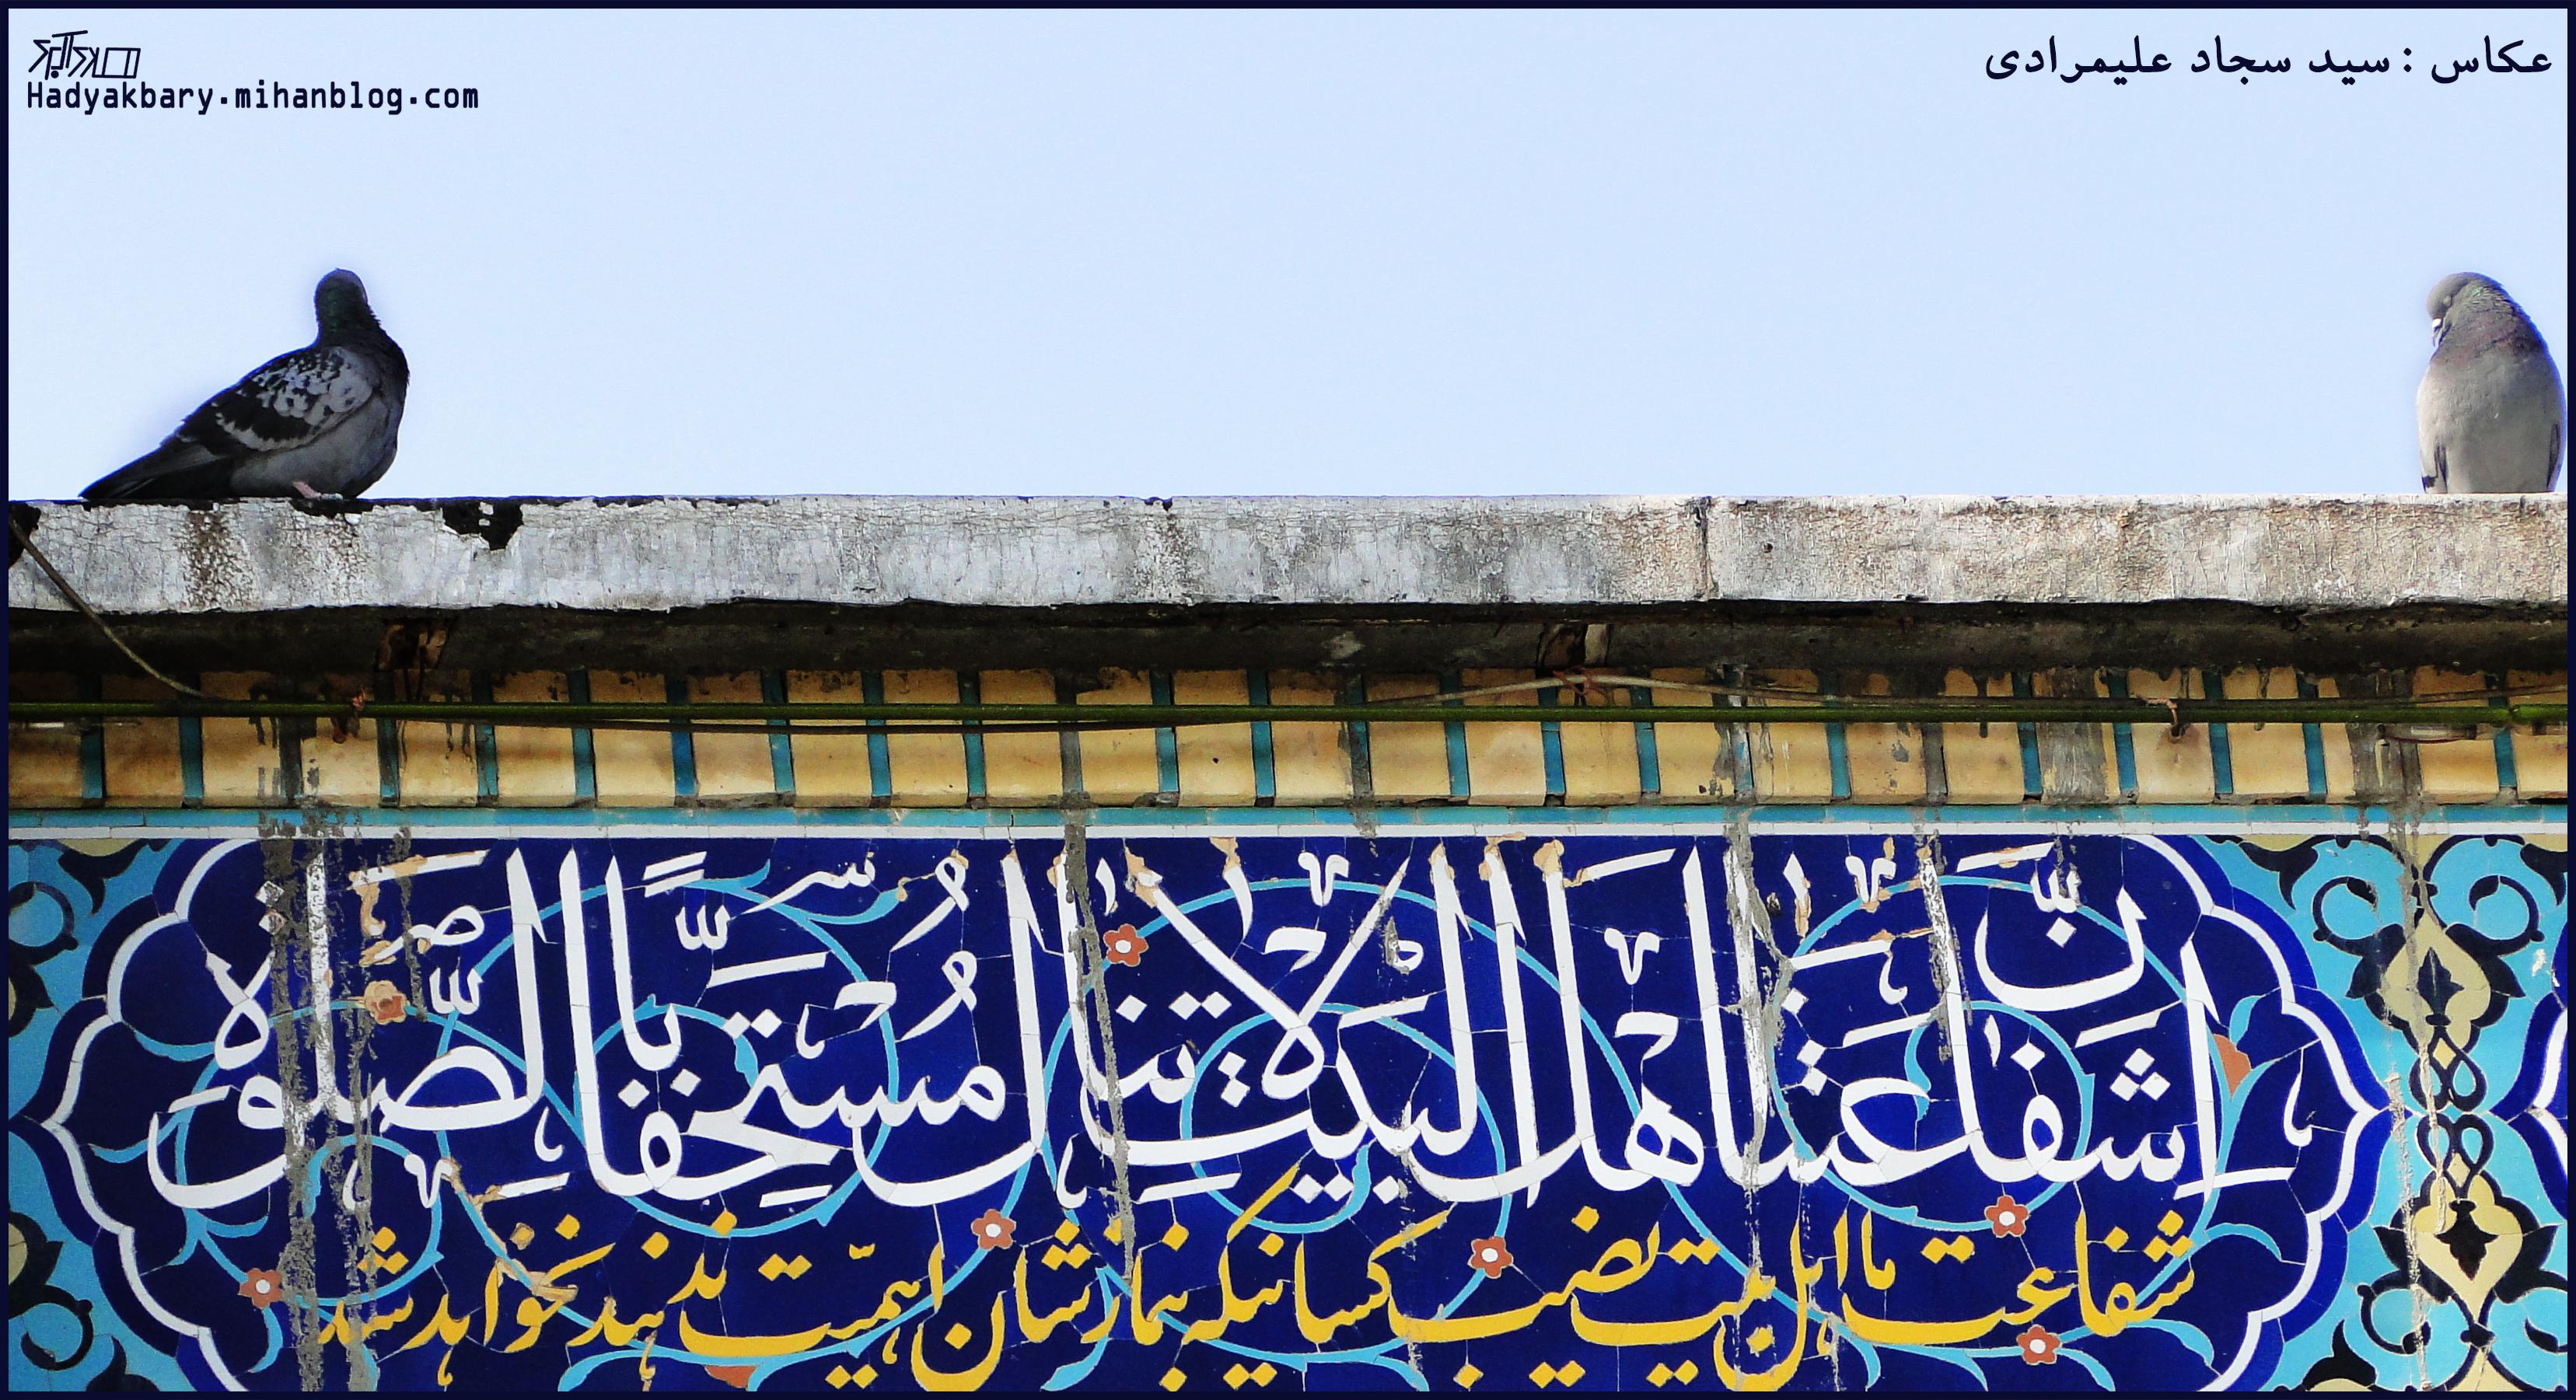 کاشی کاری حرم سید جلال الدین اشرف -حدیث امام صادق در مورد استخفاف نماز